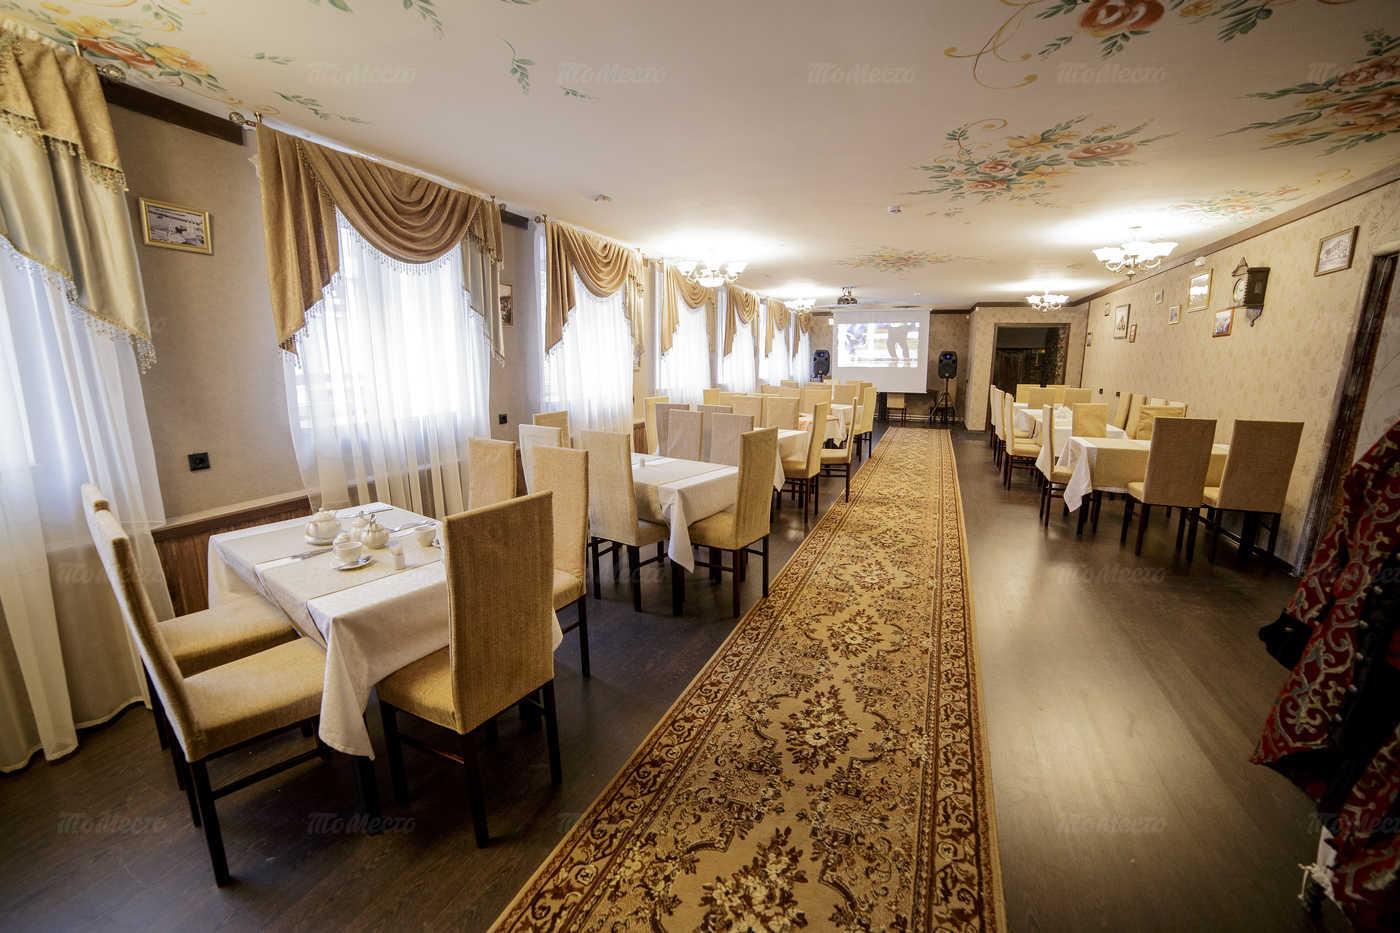 Меню ресторана Усадьба на улице Ошарской